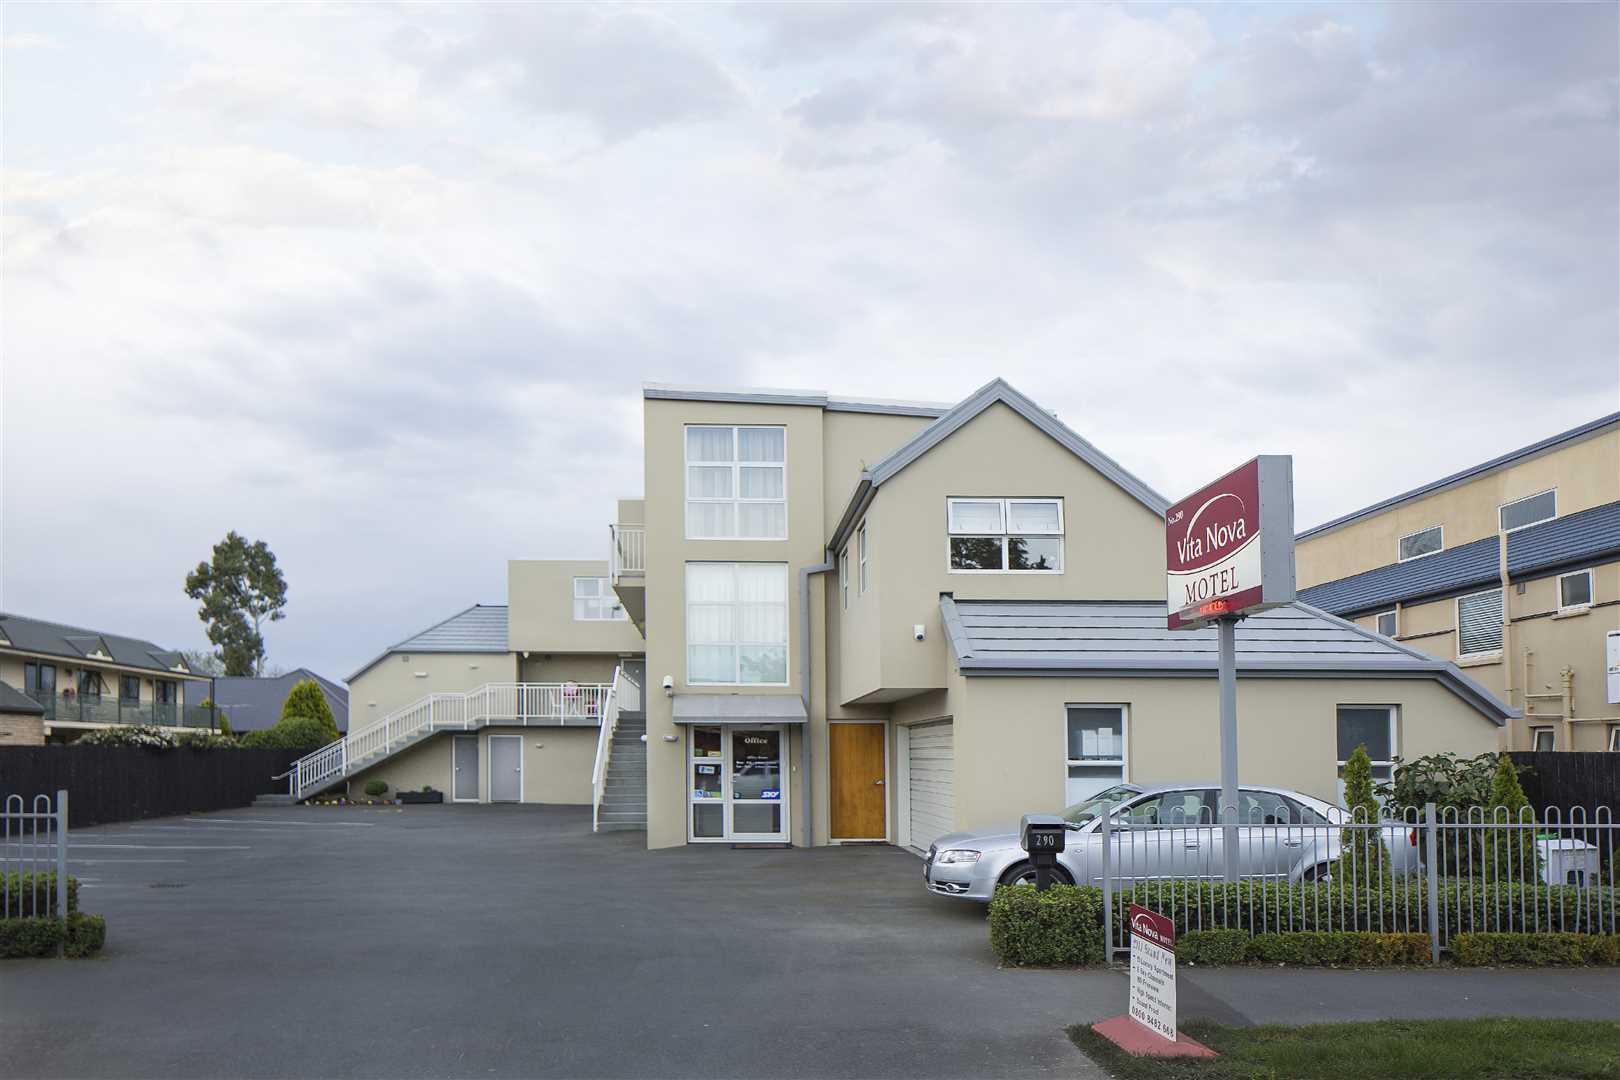 Motel For Sale - FHGC